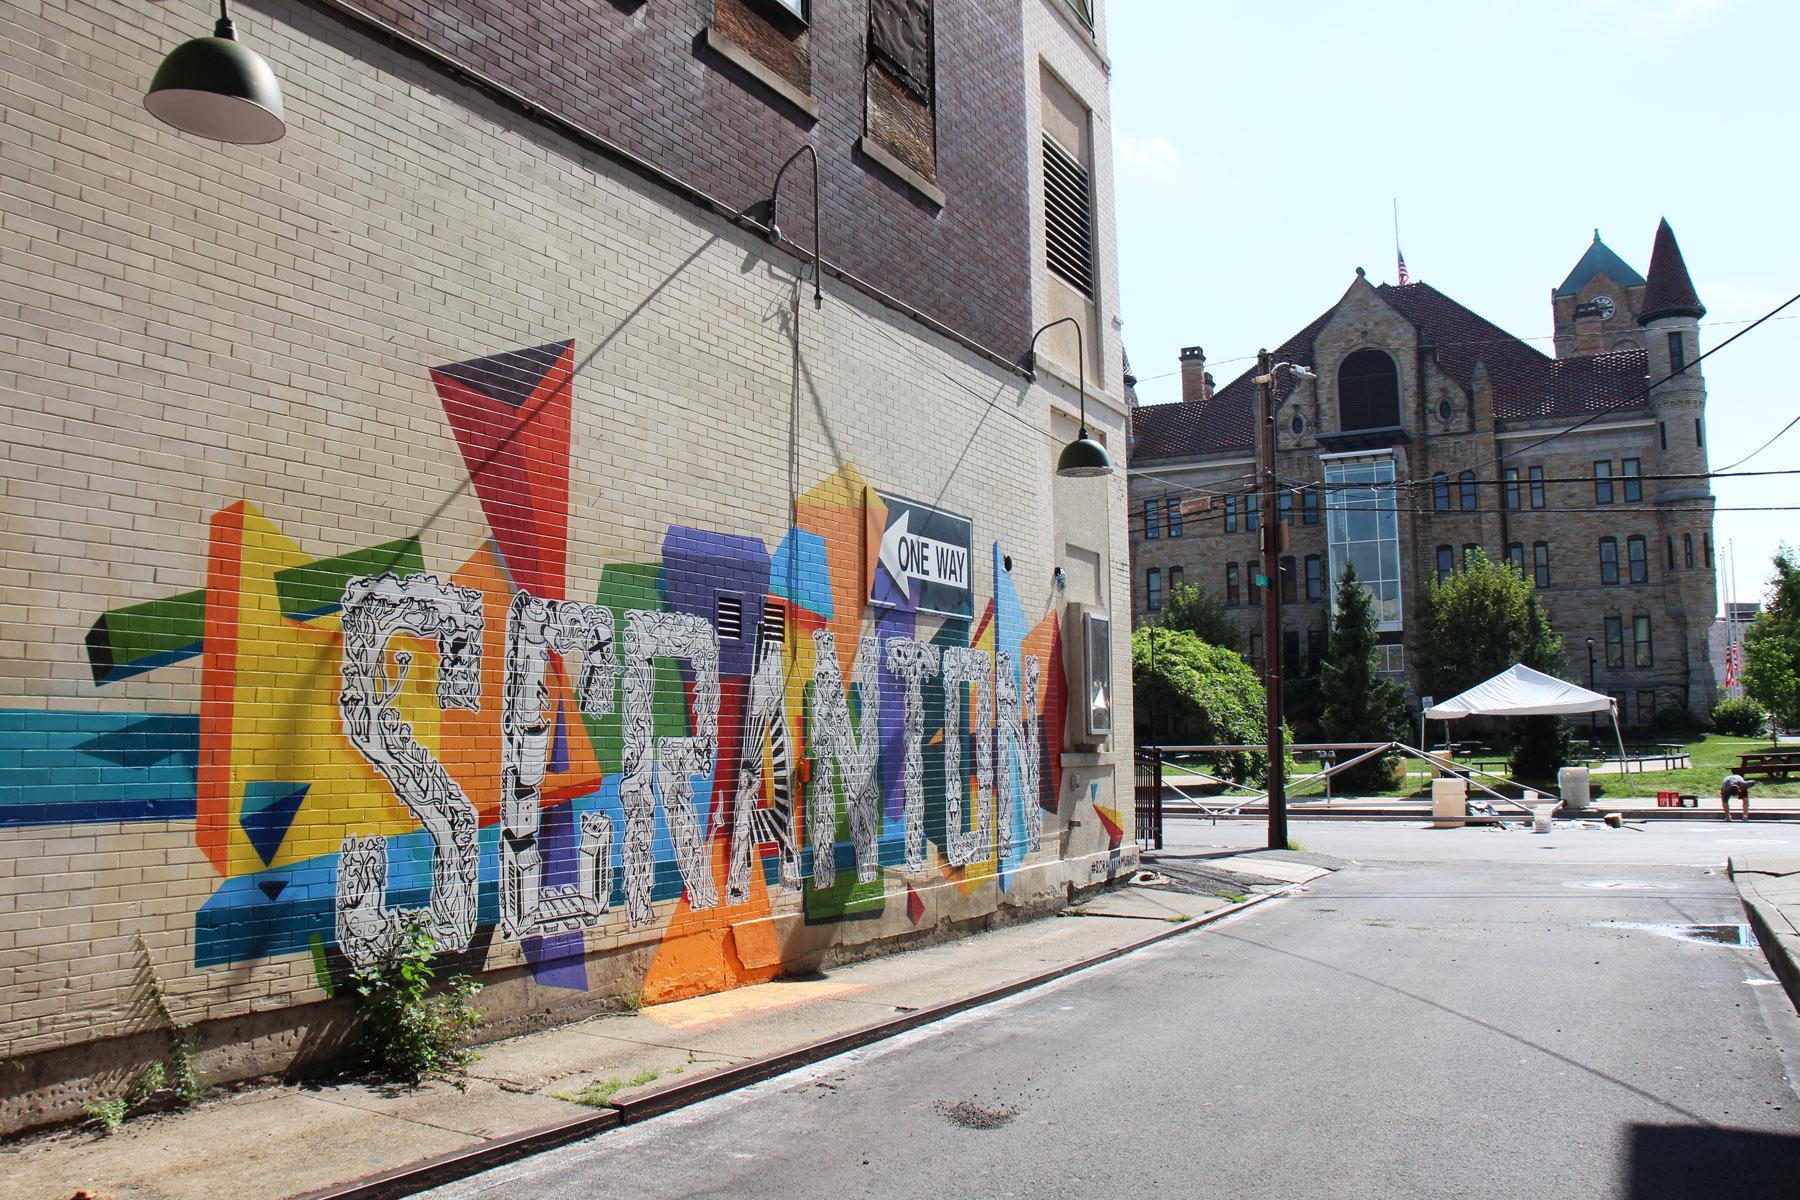 srcanton-mural-artist-eric-bussart-left-.jpg